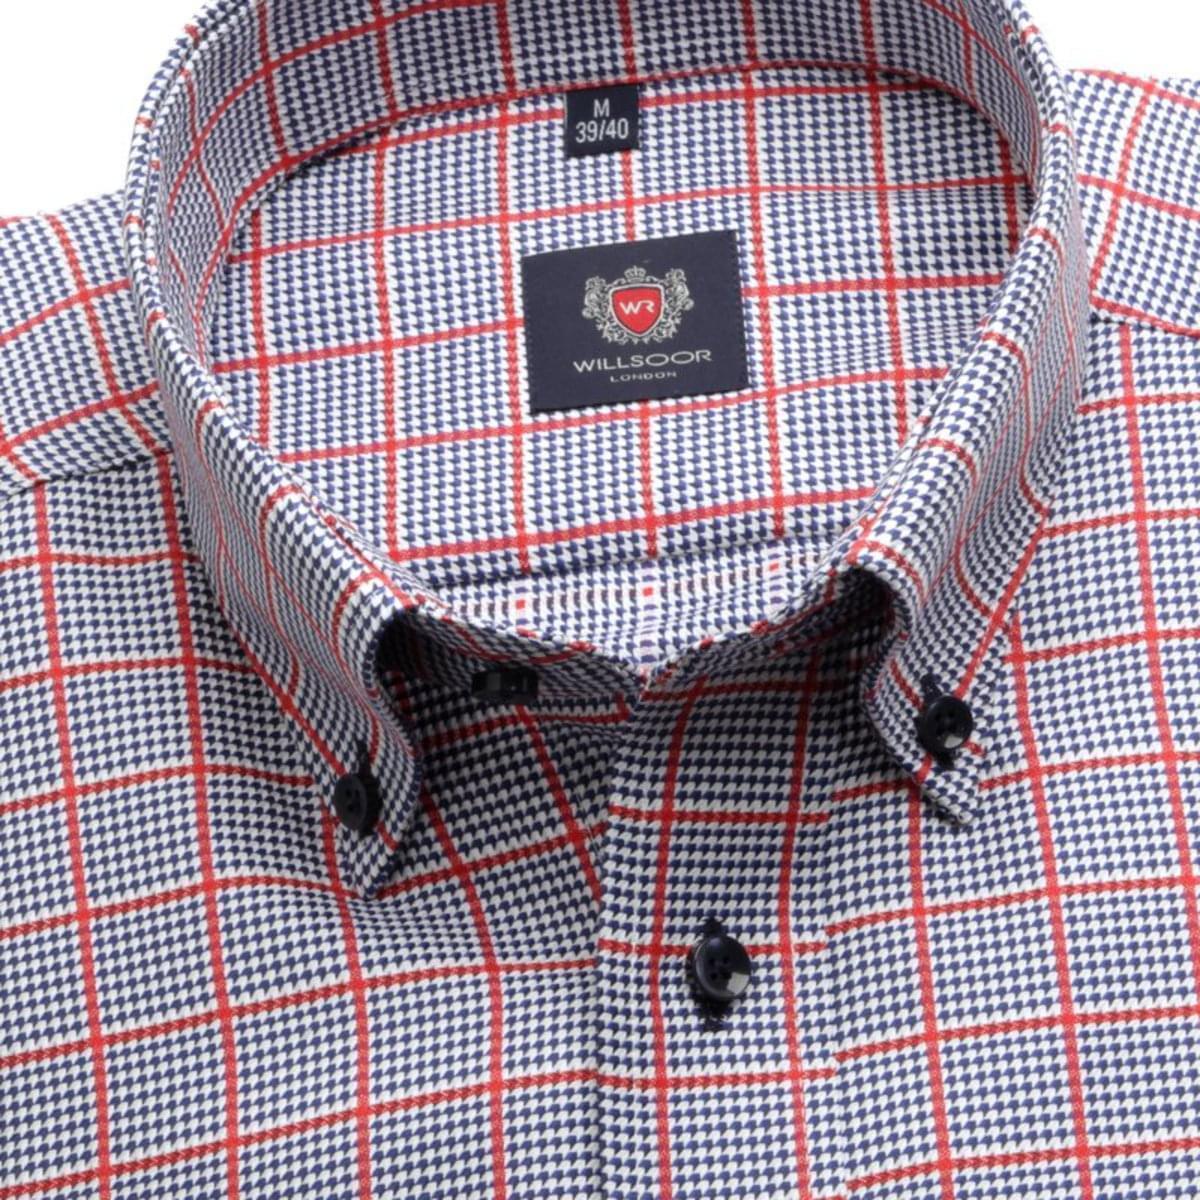 Pánská klasická košile London (wzrost 176-182) 7260 s kostkou a formulí Easy Care 176-182 / XL (43/44)